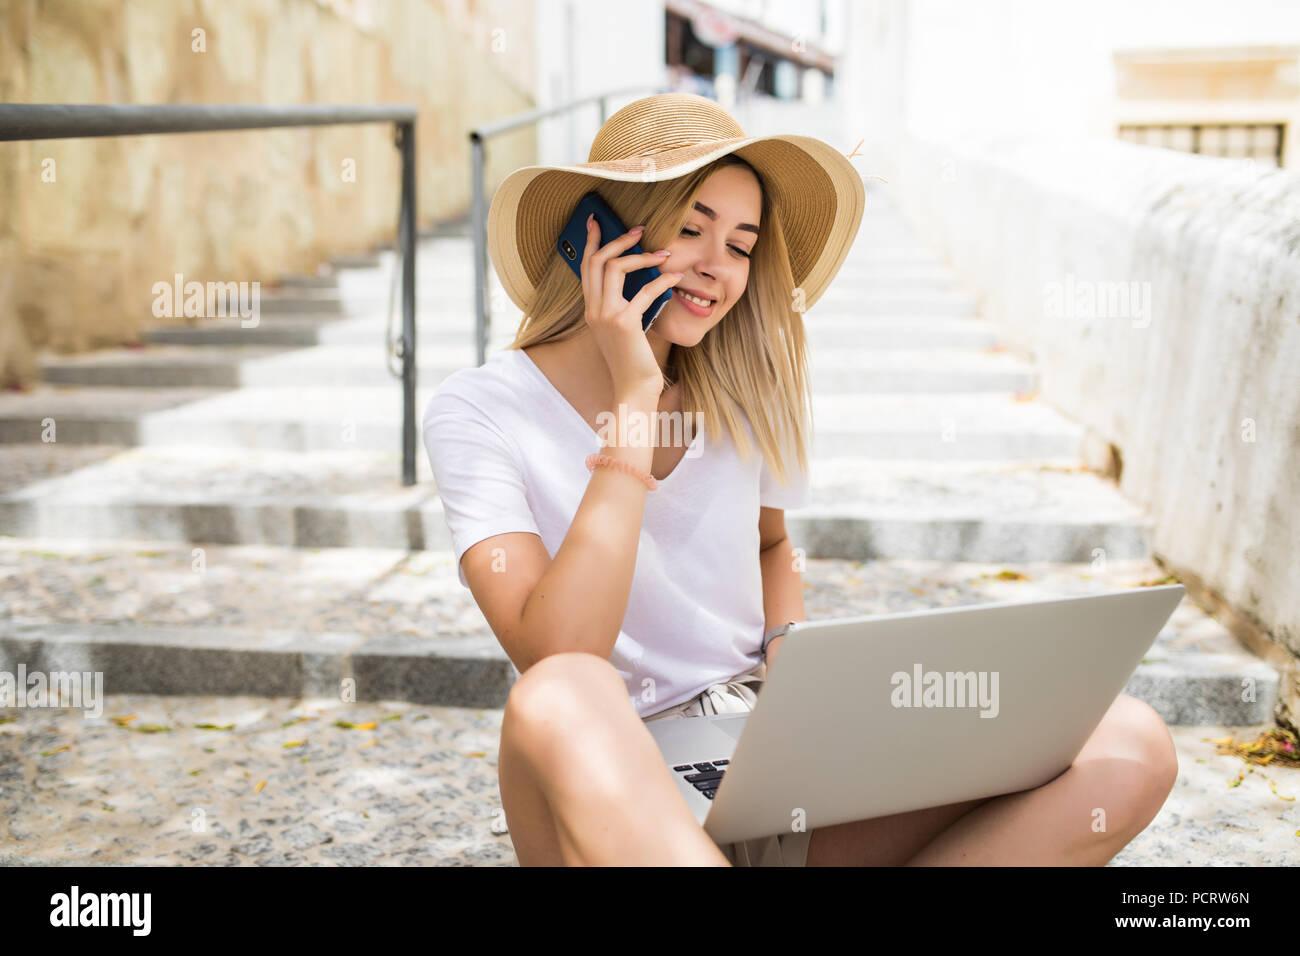 be6523e0b147 Bella donna che indossa casual vestito estivo seduti sulle scale di strada  e intervenendo sullo smartphone mentre si utilizza notebook argento